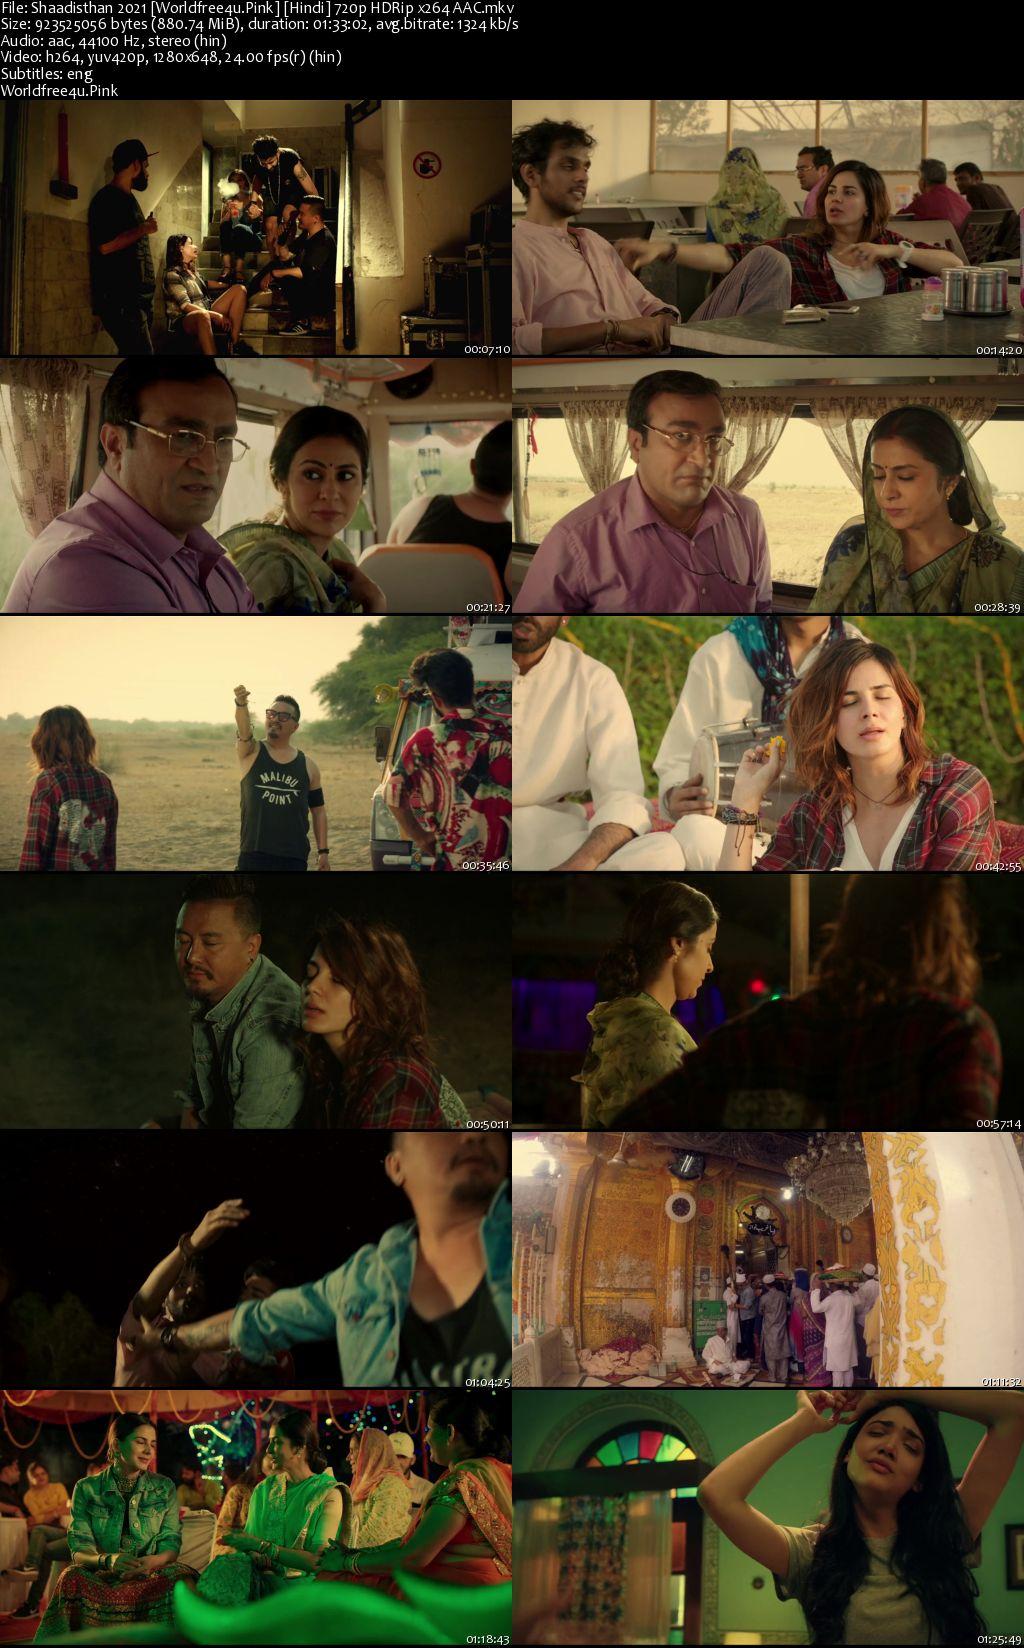 Shaadisthan 2021 Hindi HDRip 720p